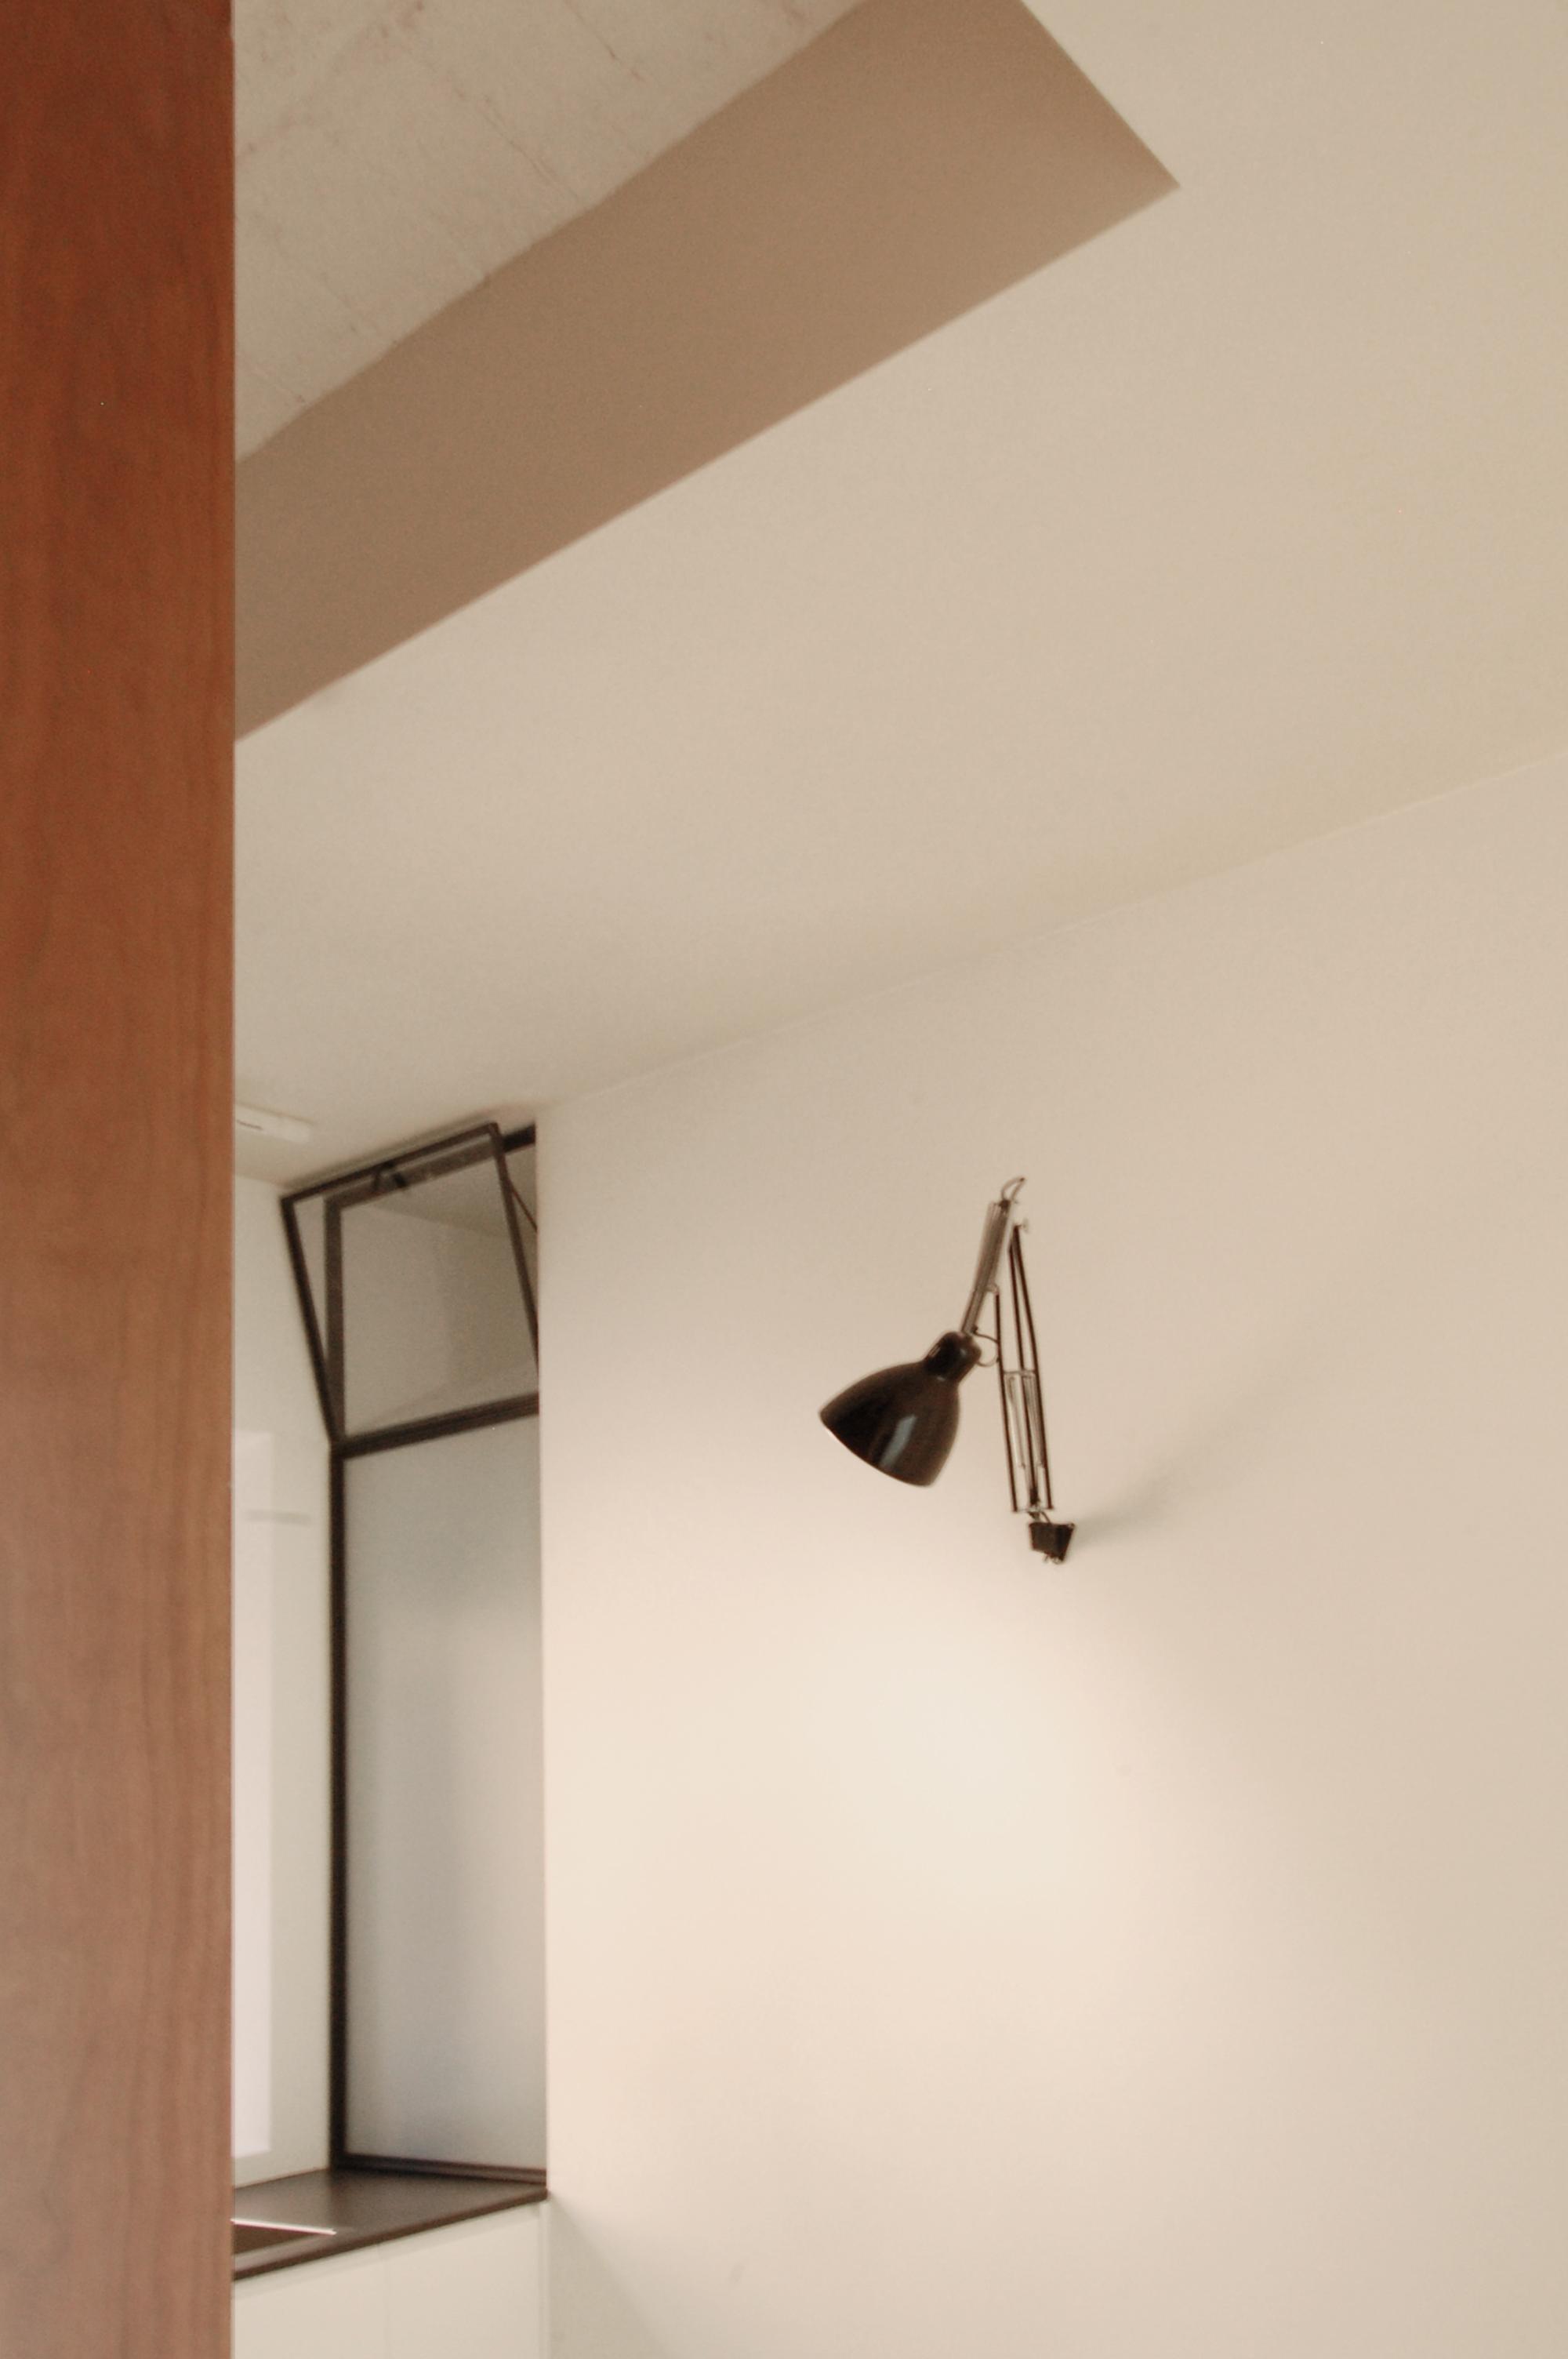 Immagine di dettaglio, con la sottile superficie vetrata a separare doccia e cucina e assicurare luce naturale al bagno.